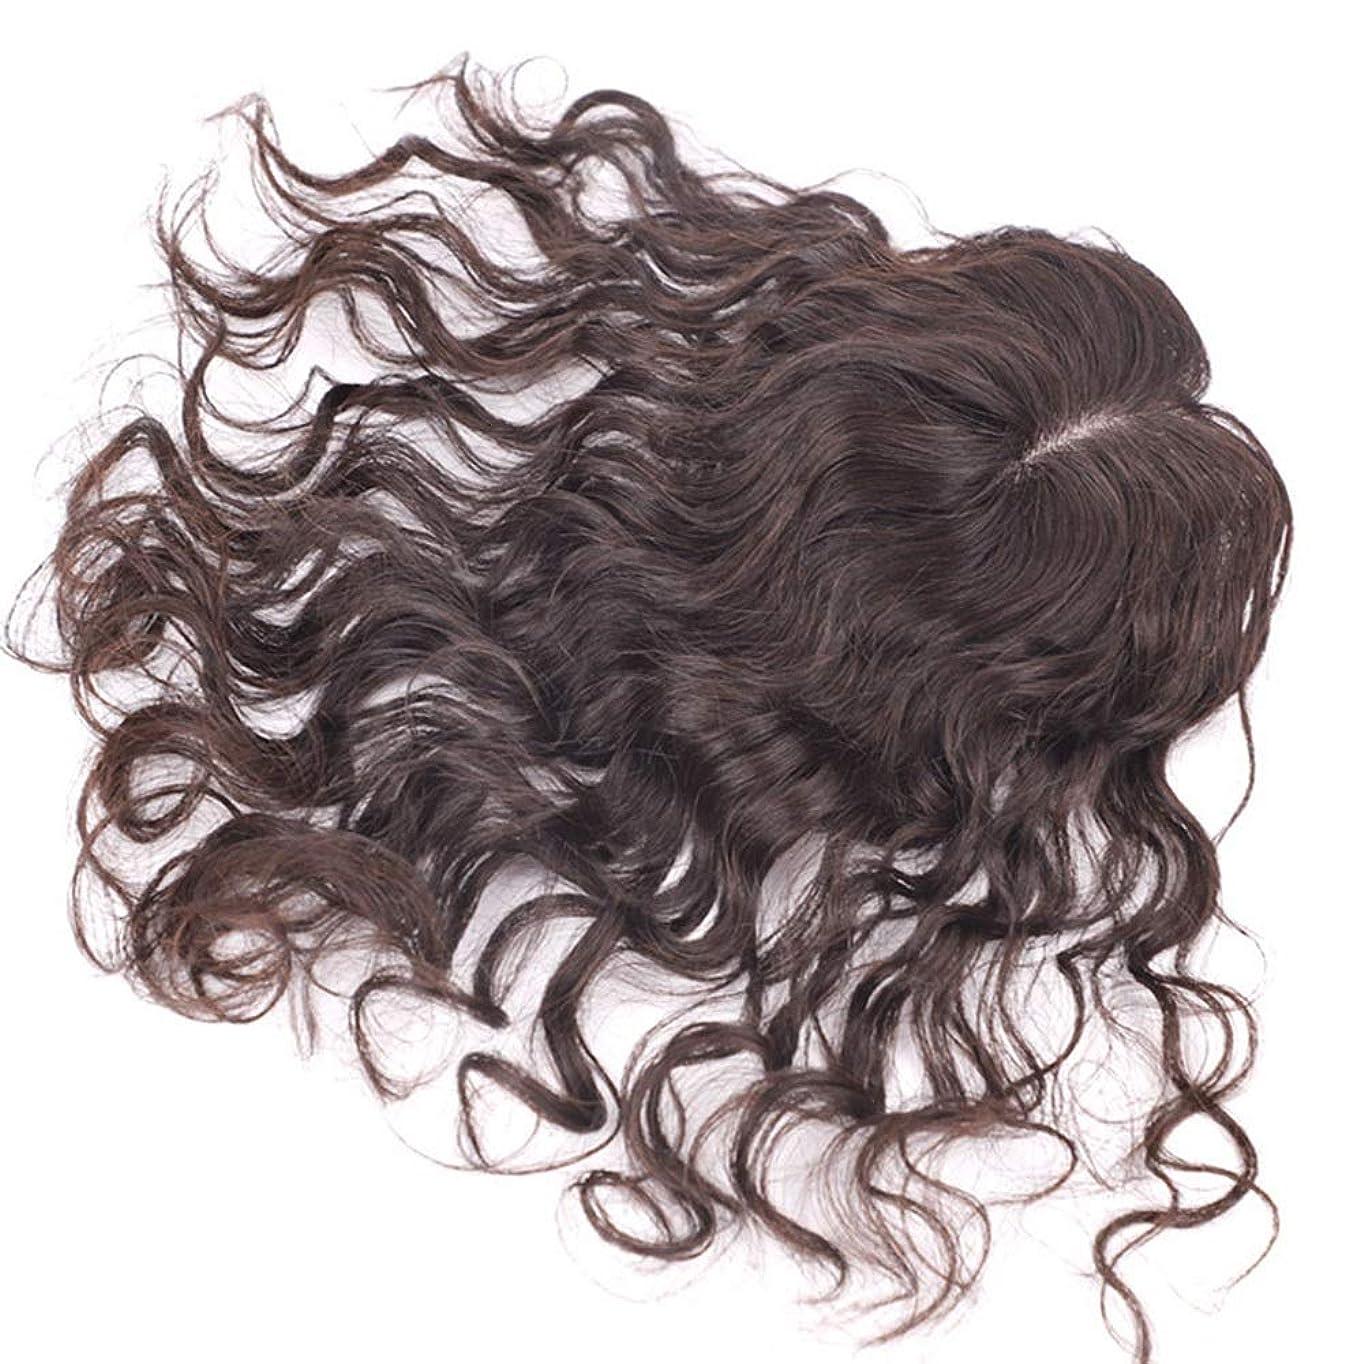 影響行傷つきやすいYrattary 女性のための優雅なウェーブのかかった髪100%の本物の人間の髪の毛フルハンドウィッグウィッグパーティーかつら (Color : [9x14] 35cm dark brown)